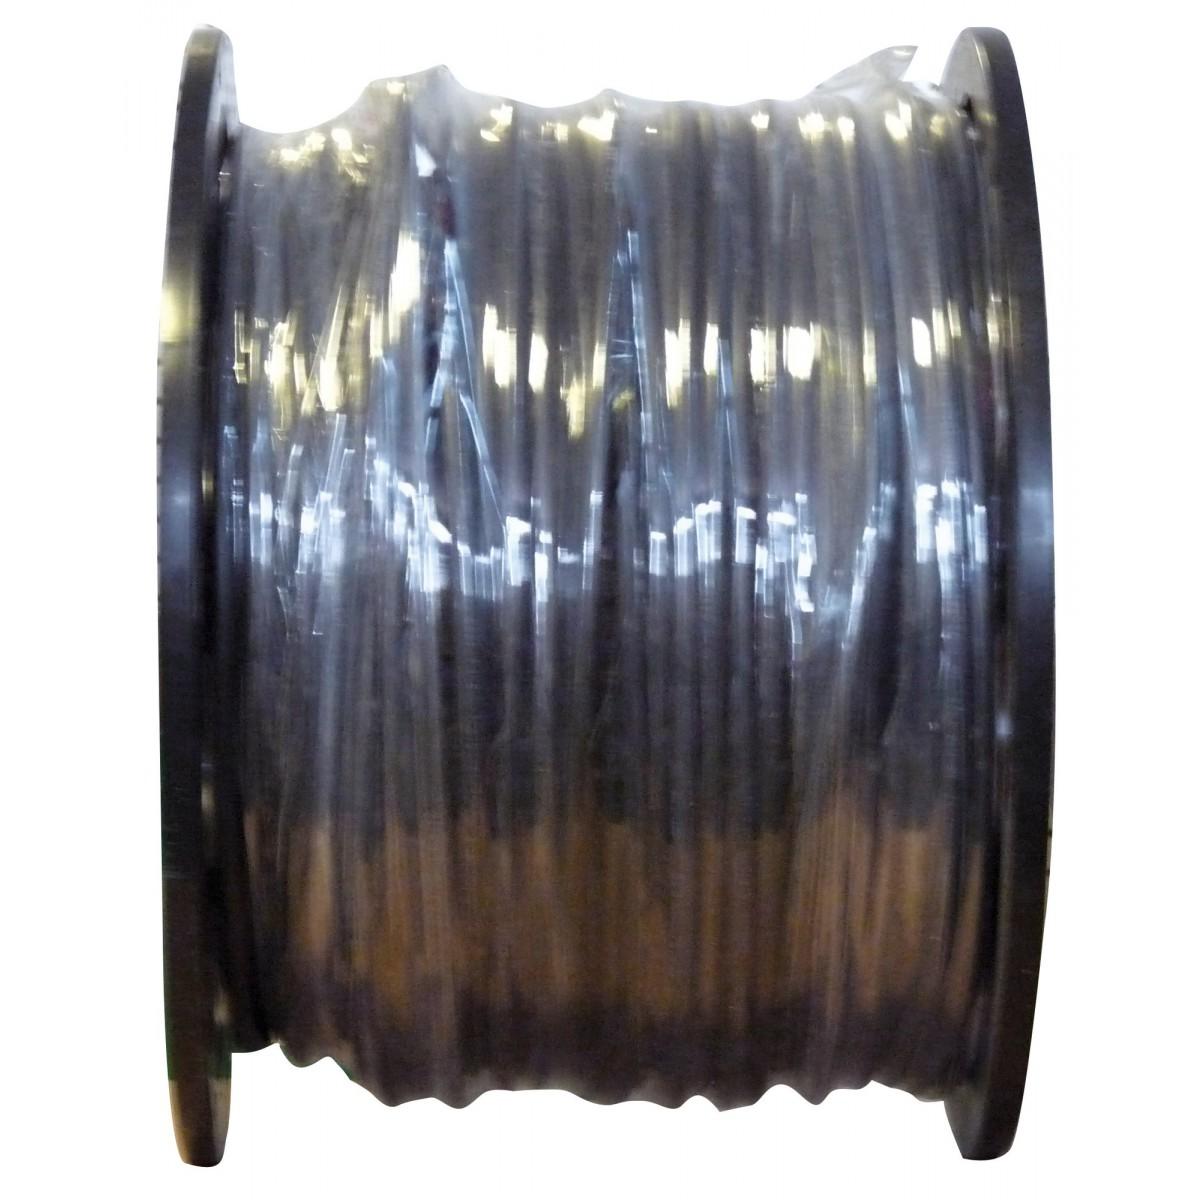 Câble U-1000 R2V noir mètré 1,5 mm² Dhome - Touret - Longueur 250 m